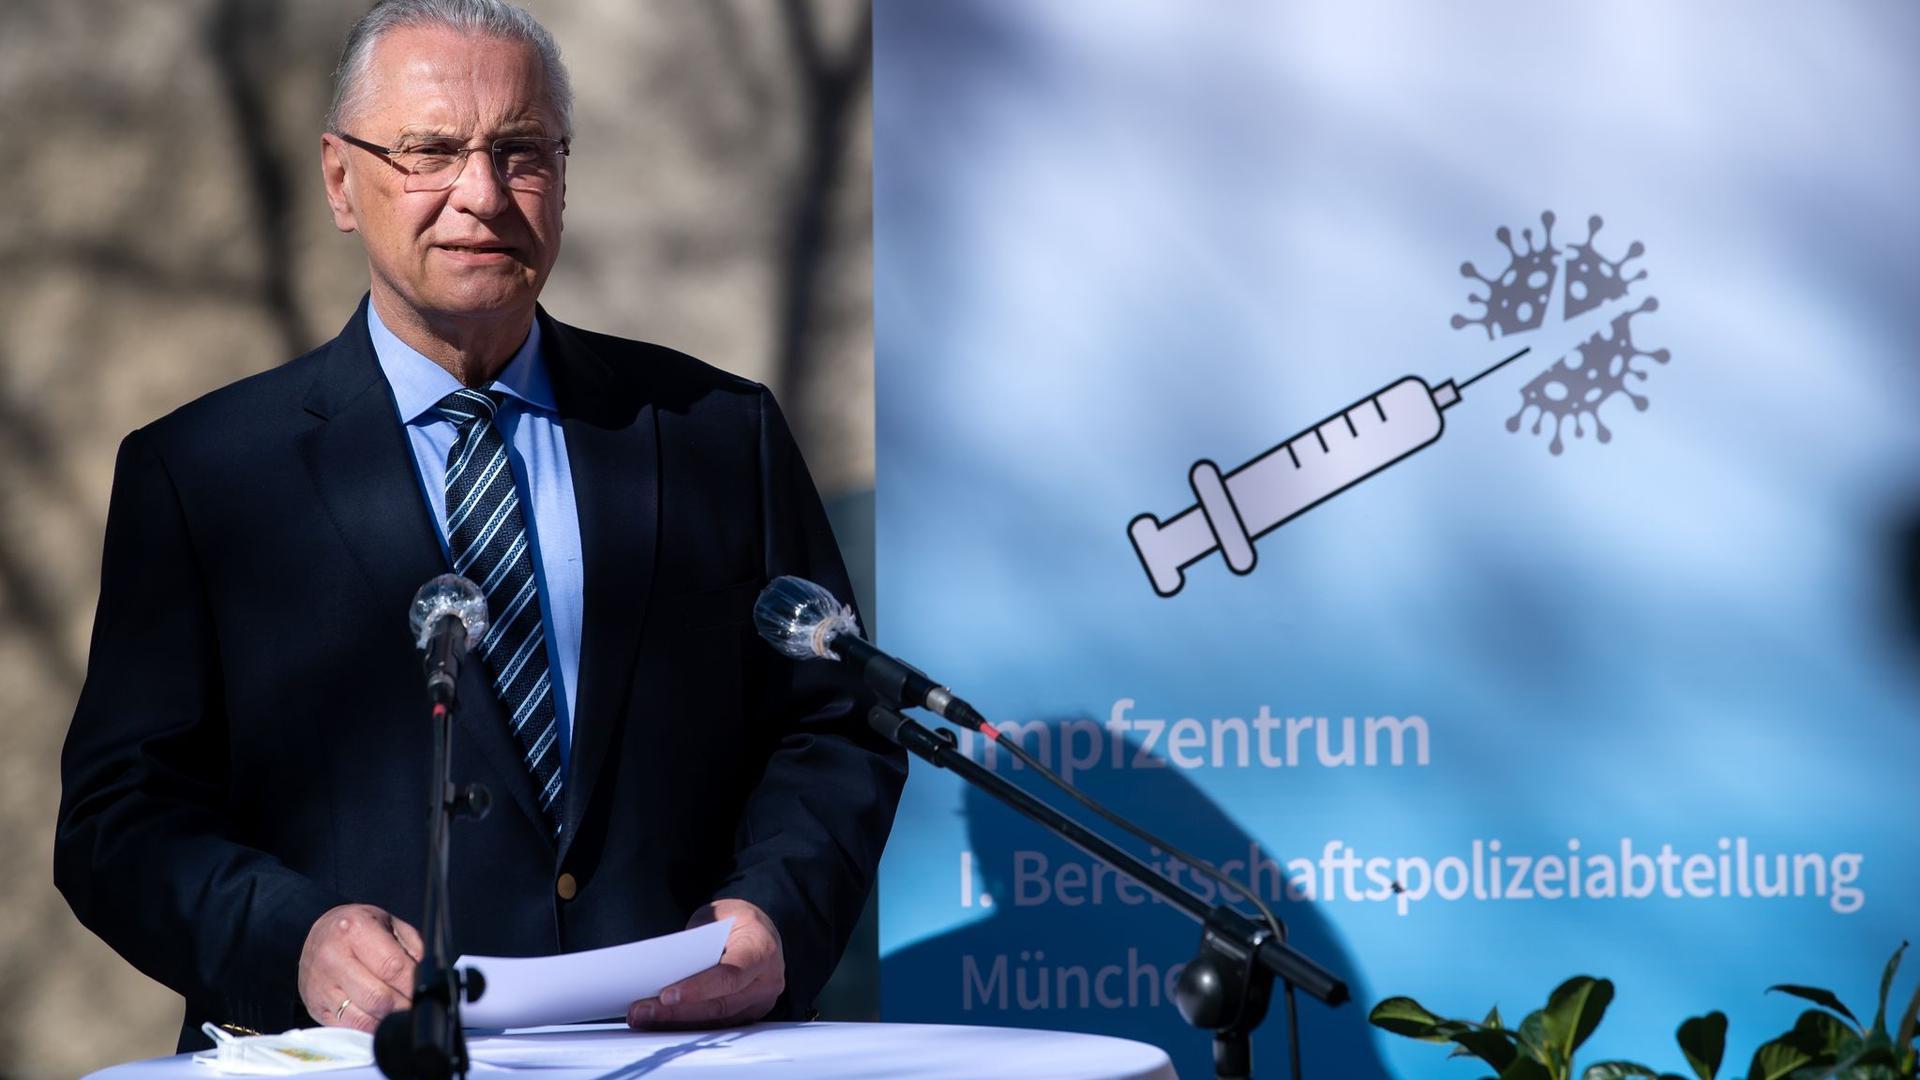 Bisher sind 10,4 Millionen Impfdosen nach Deutschland geliefert worden, davon aber über ein Drittel - 3,5 Millionen Dosen - bislang nicht verimpft.